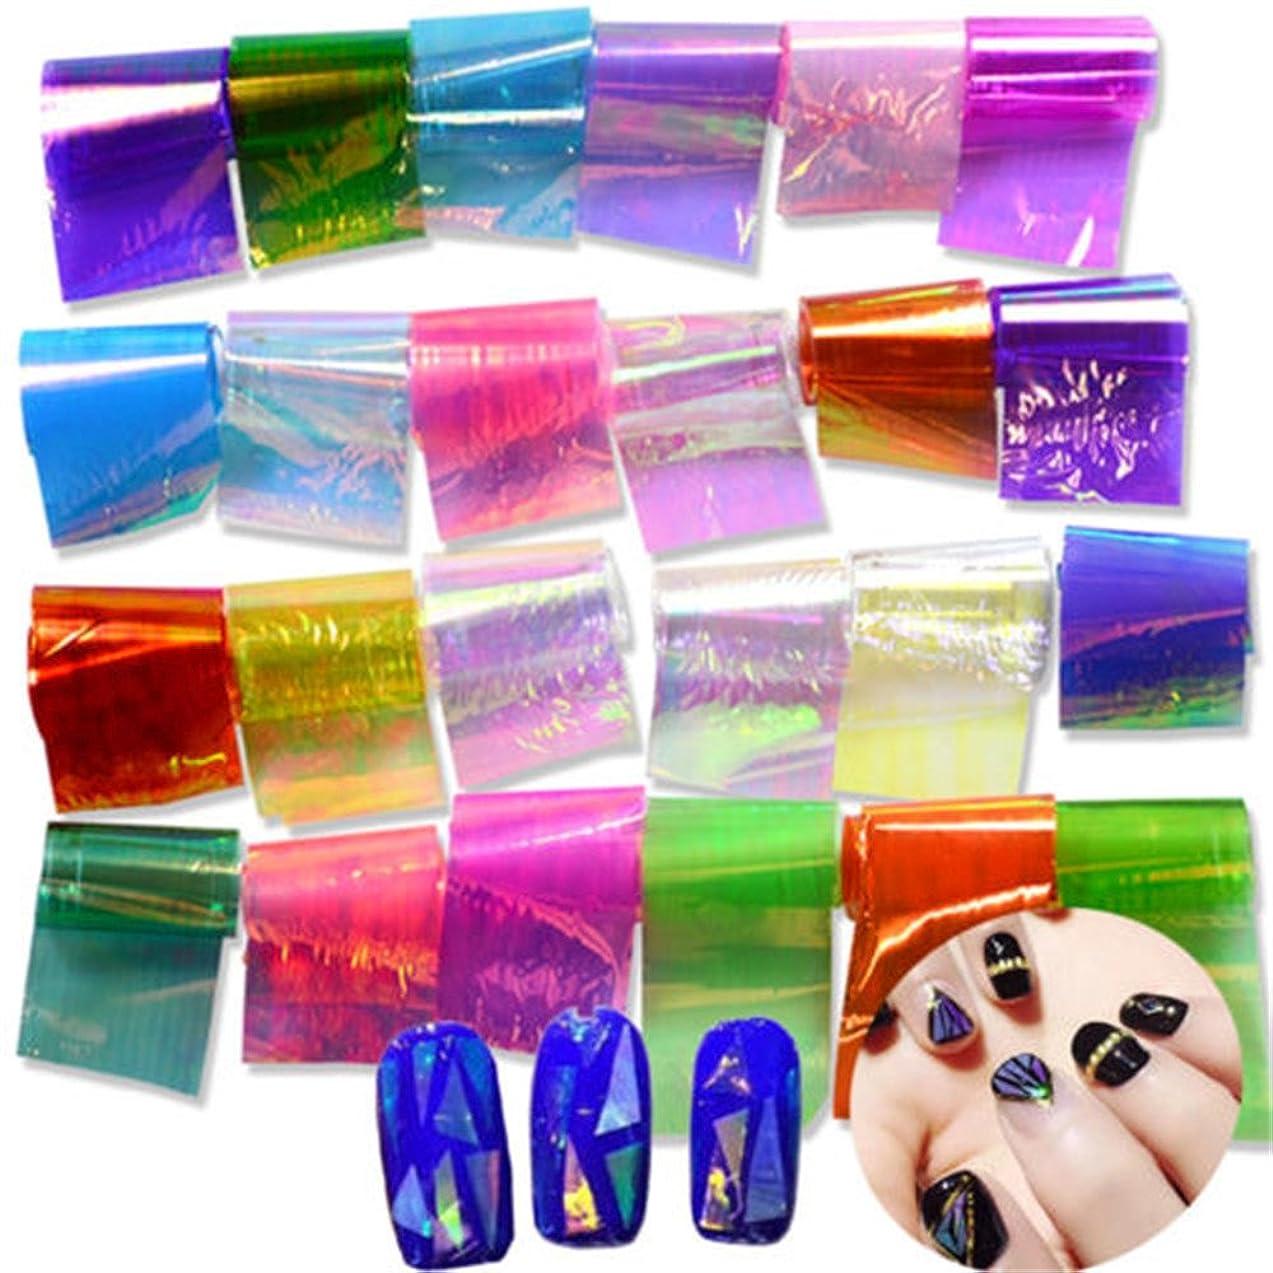 コロニードアミラーメガロポリスArtlalic 20枚の3Dホログラフィー壊れたガラスフォイル指のネイルアートミラーステッカー爪のためのステンシルデカールDIYのマニキュア